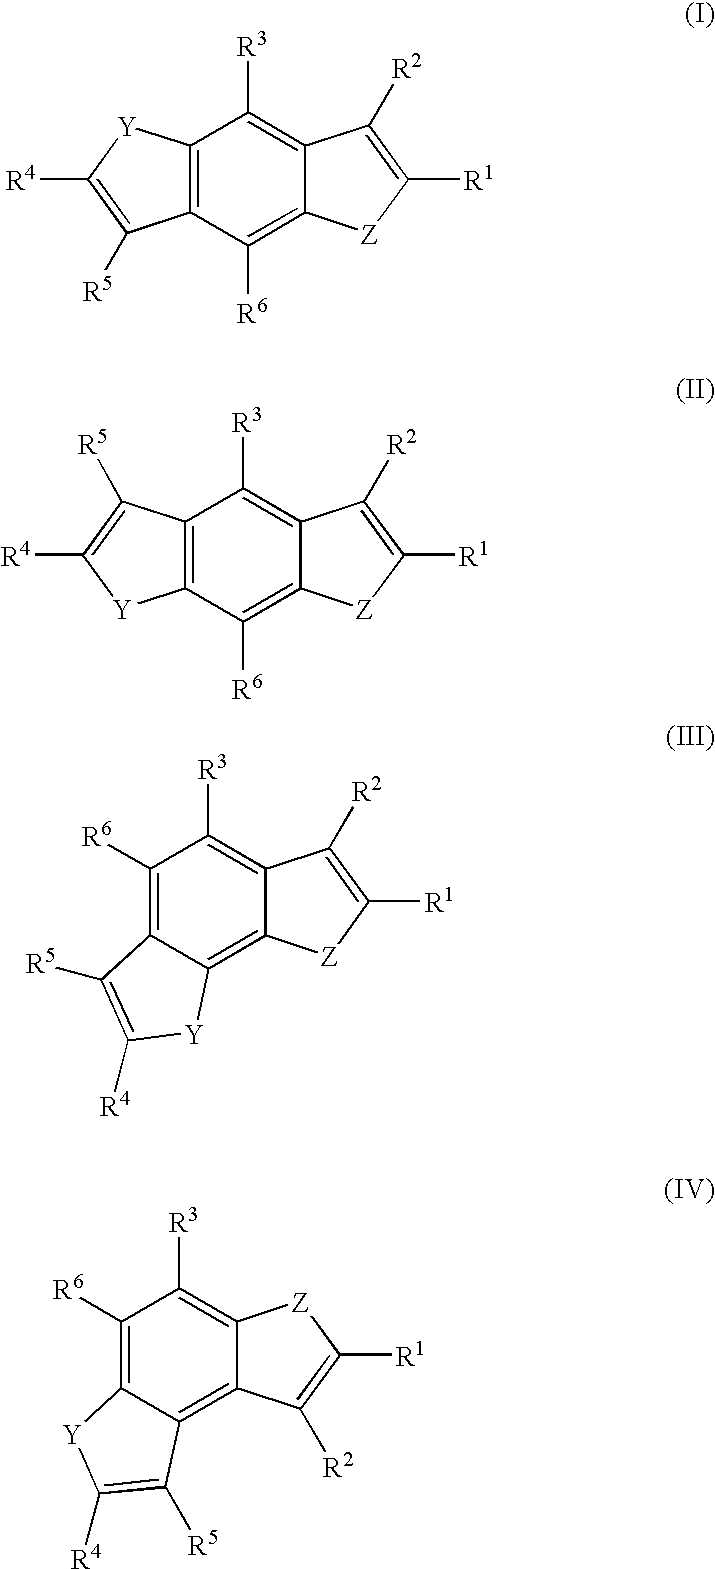 Figure US20060156483A1-20060720-C00007